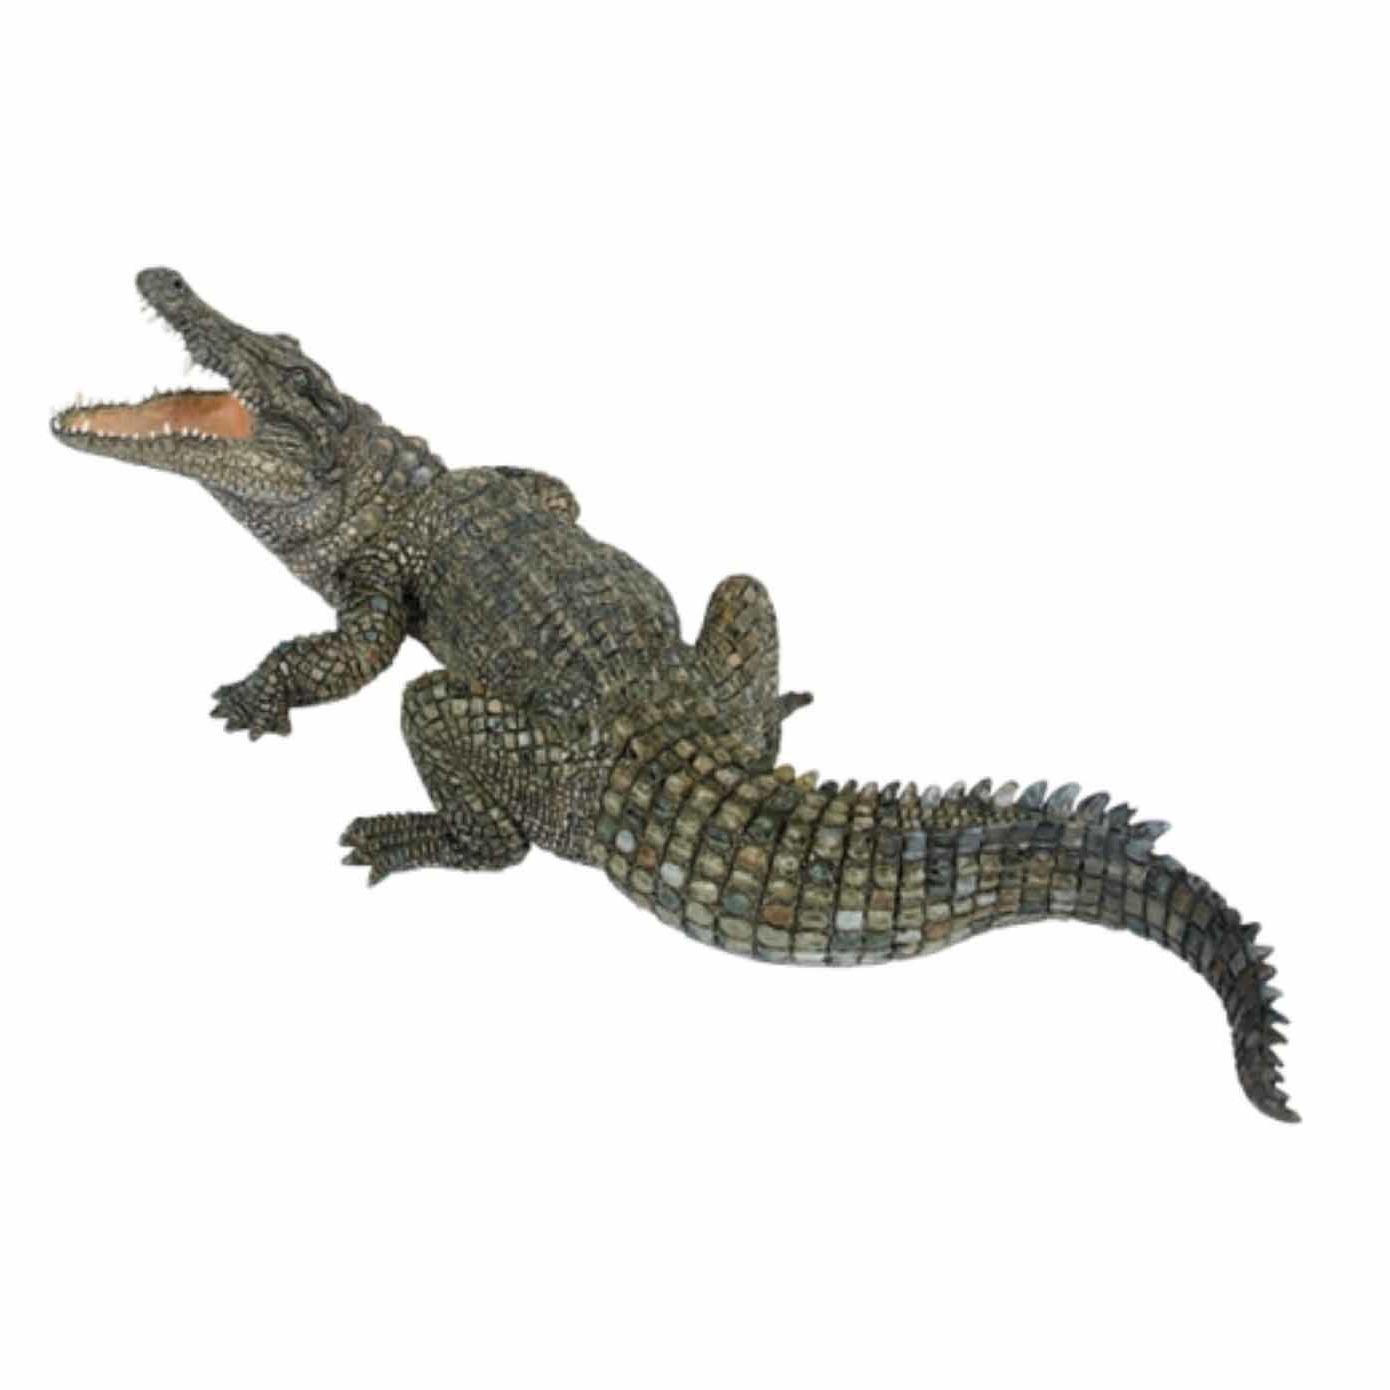 Plastic nijl krokodil speeldiertje 21 cm